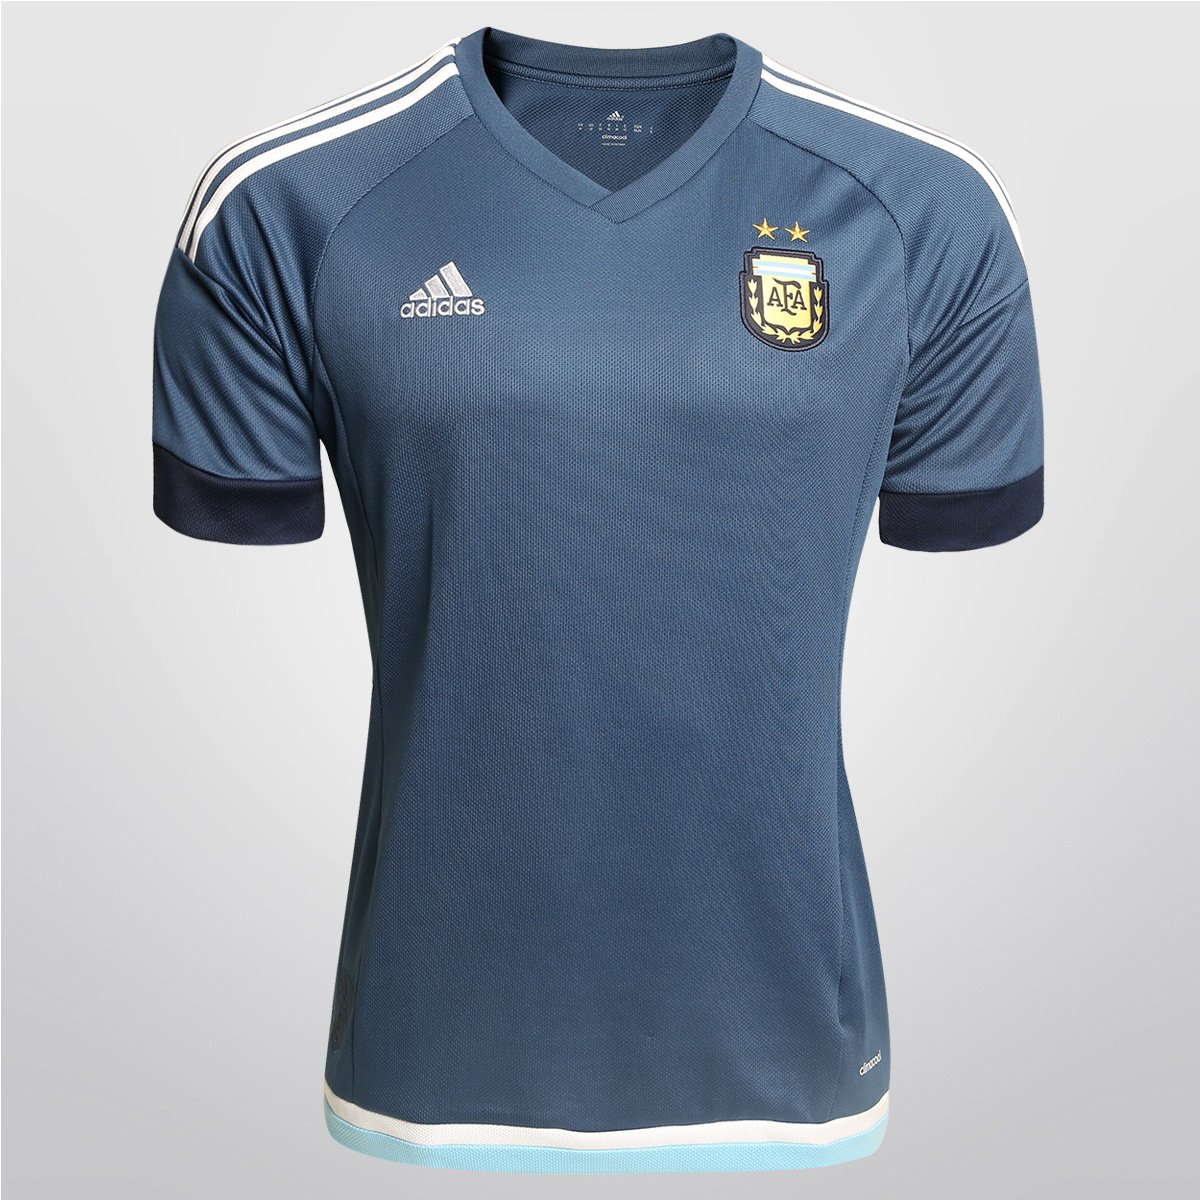 Camisa Adidas Argentina Away 15 16 s nº - Compre Agora  e9fd35aeaf17f